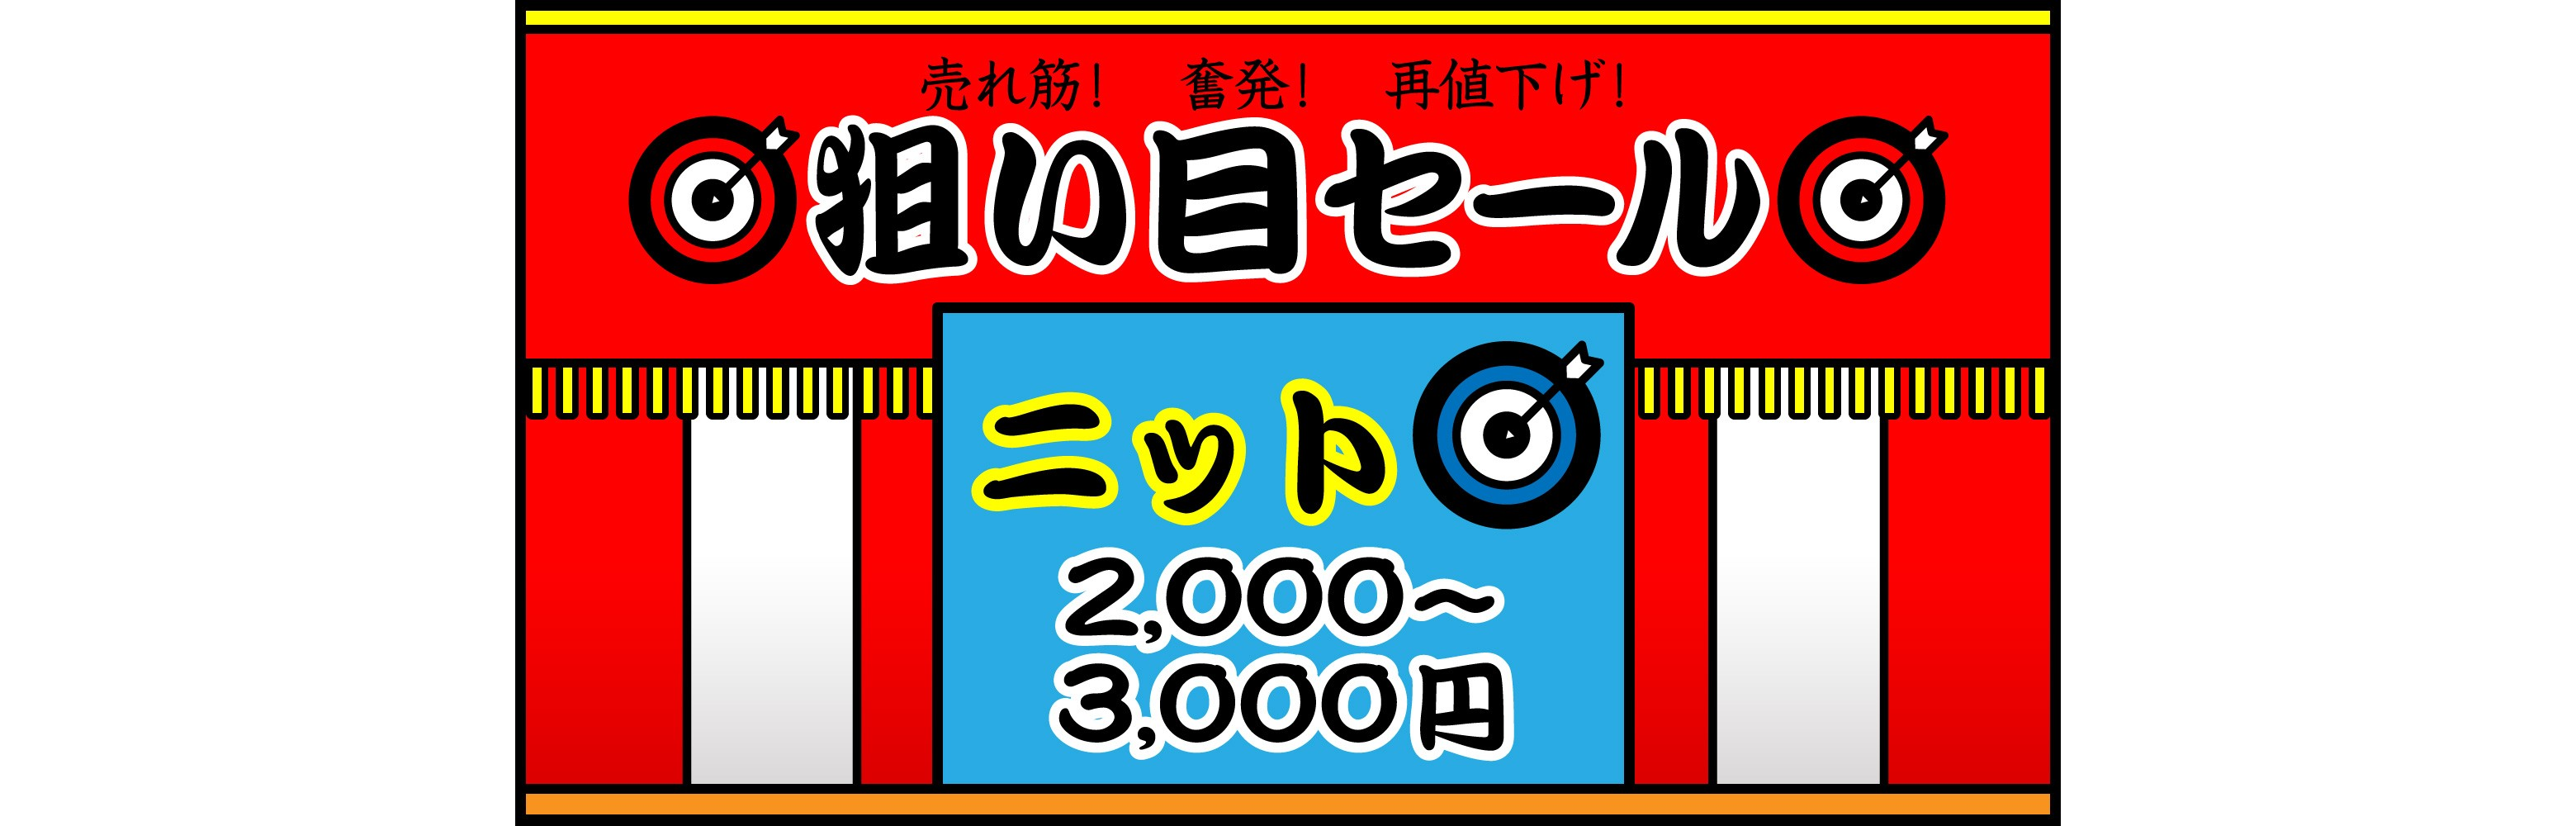 狙い目セール \ニット ¥2000~¥3000/